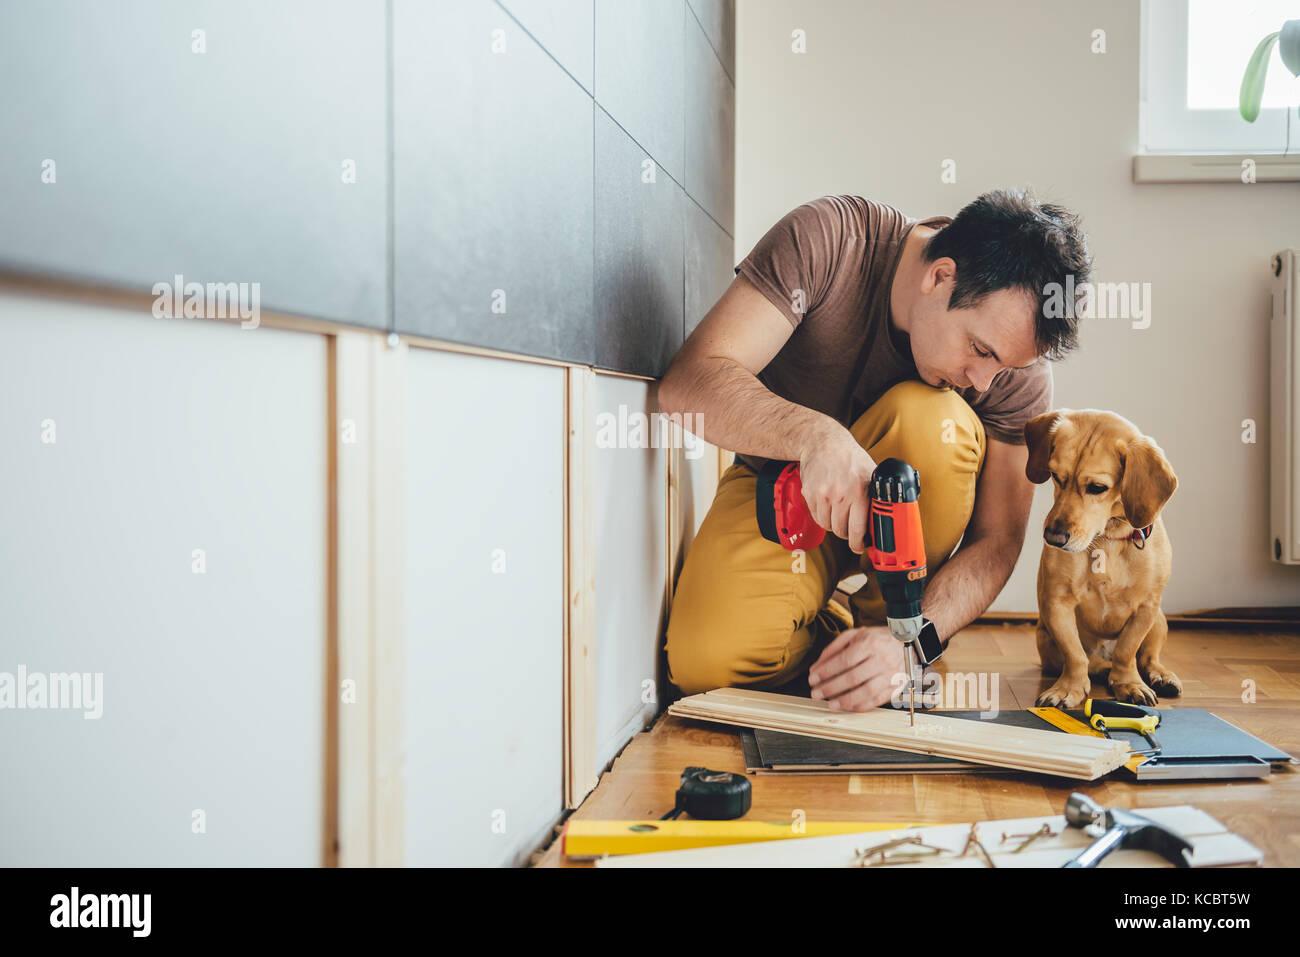 L'homme faisant des travaux de rénovation à la maison avec son petit chien jaune Photo Stock